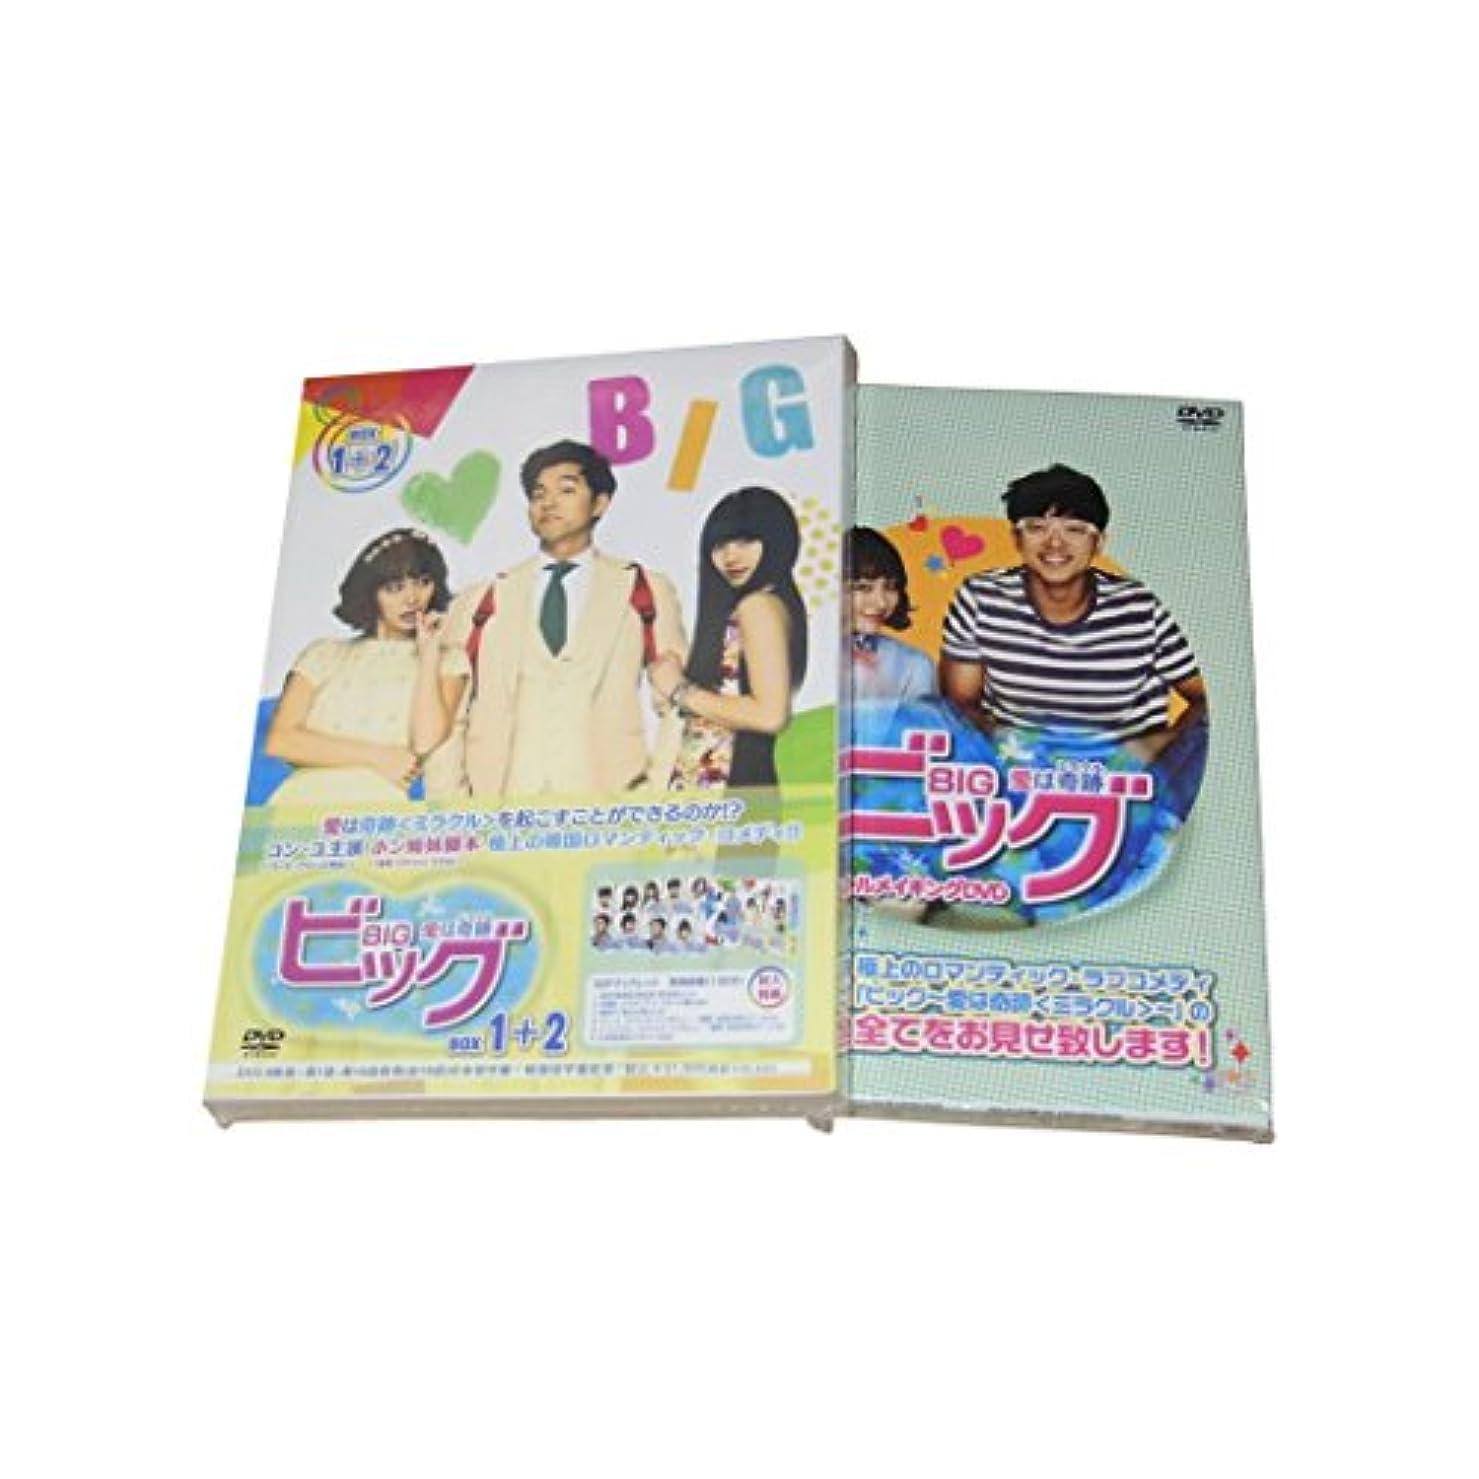 代数的珍味ドライビッグ~愛は奇跡〈ミラクル〉~ BOX1+2+オフィシャルメイキング BOX*2 2013